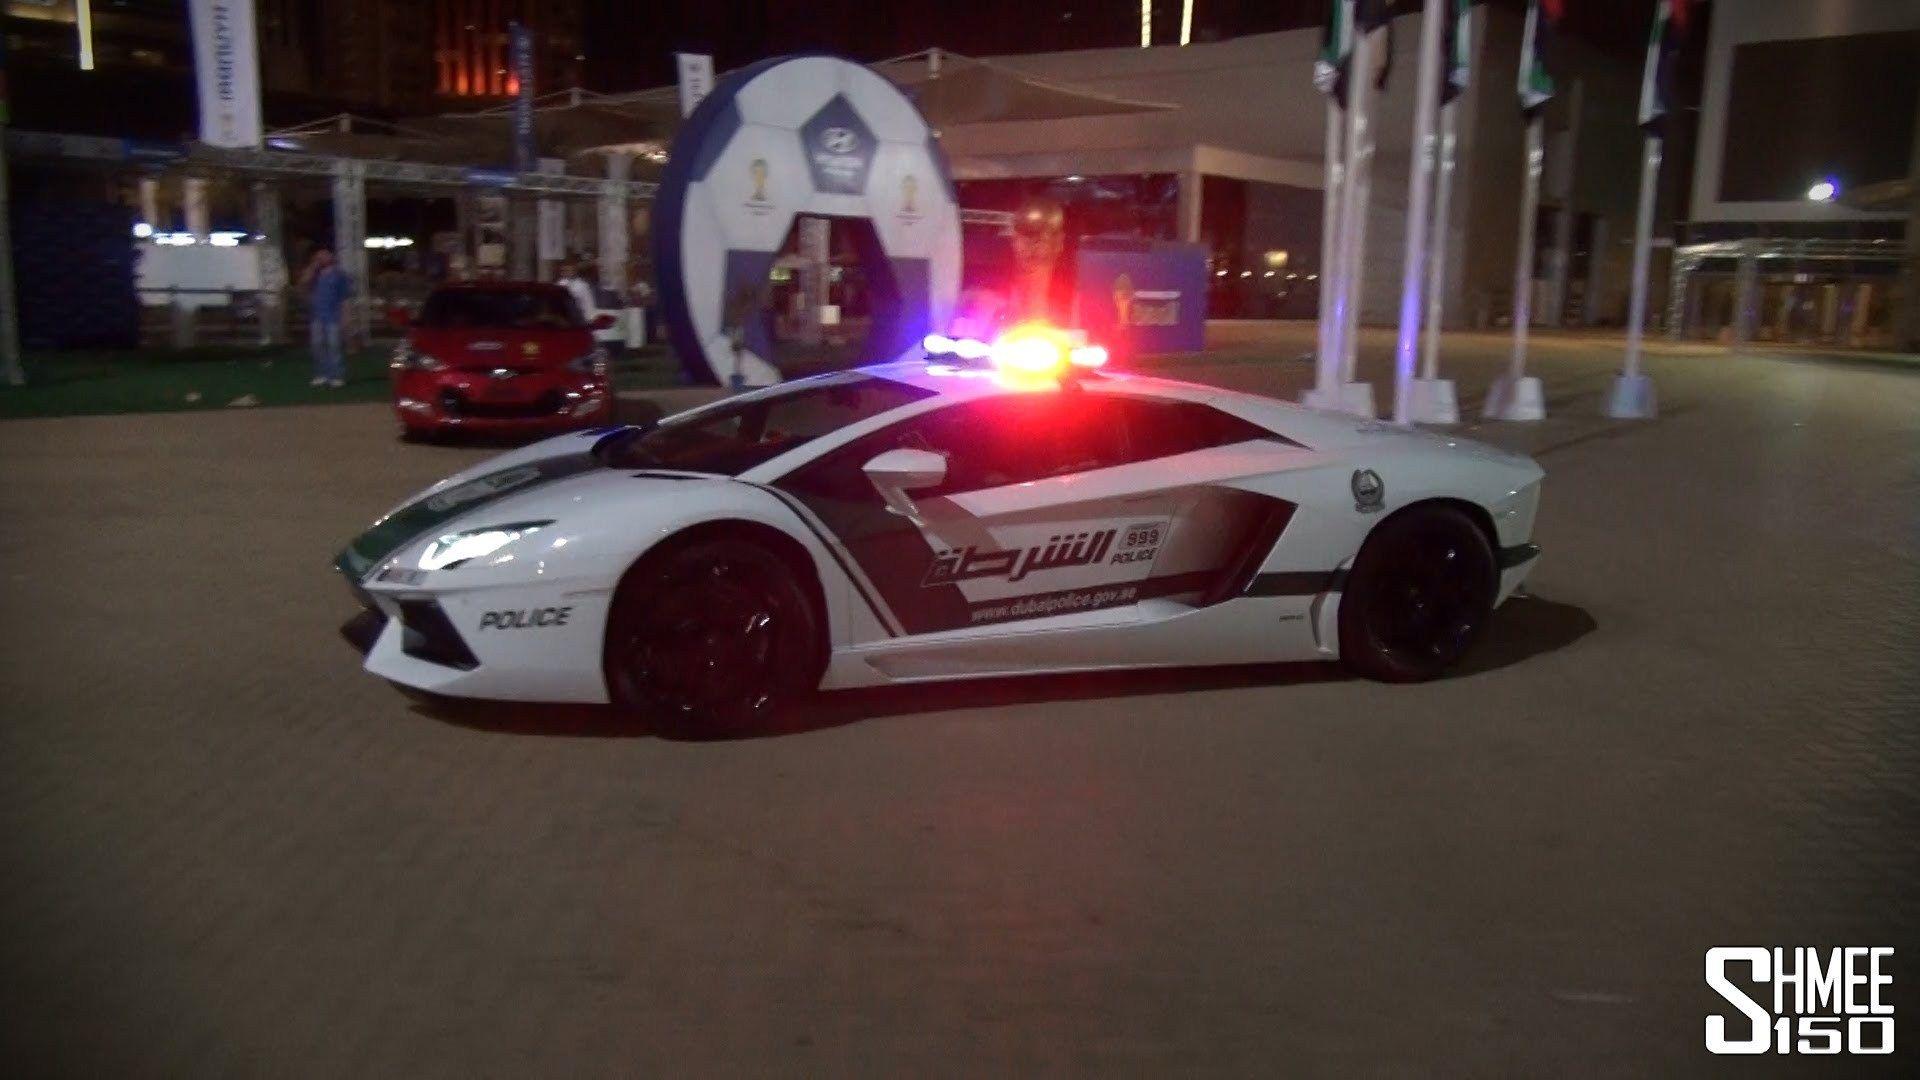 Dubai Police Supercars in Action Brabus B63S, Aventador